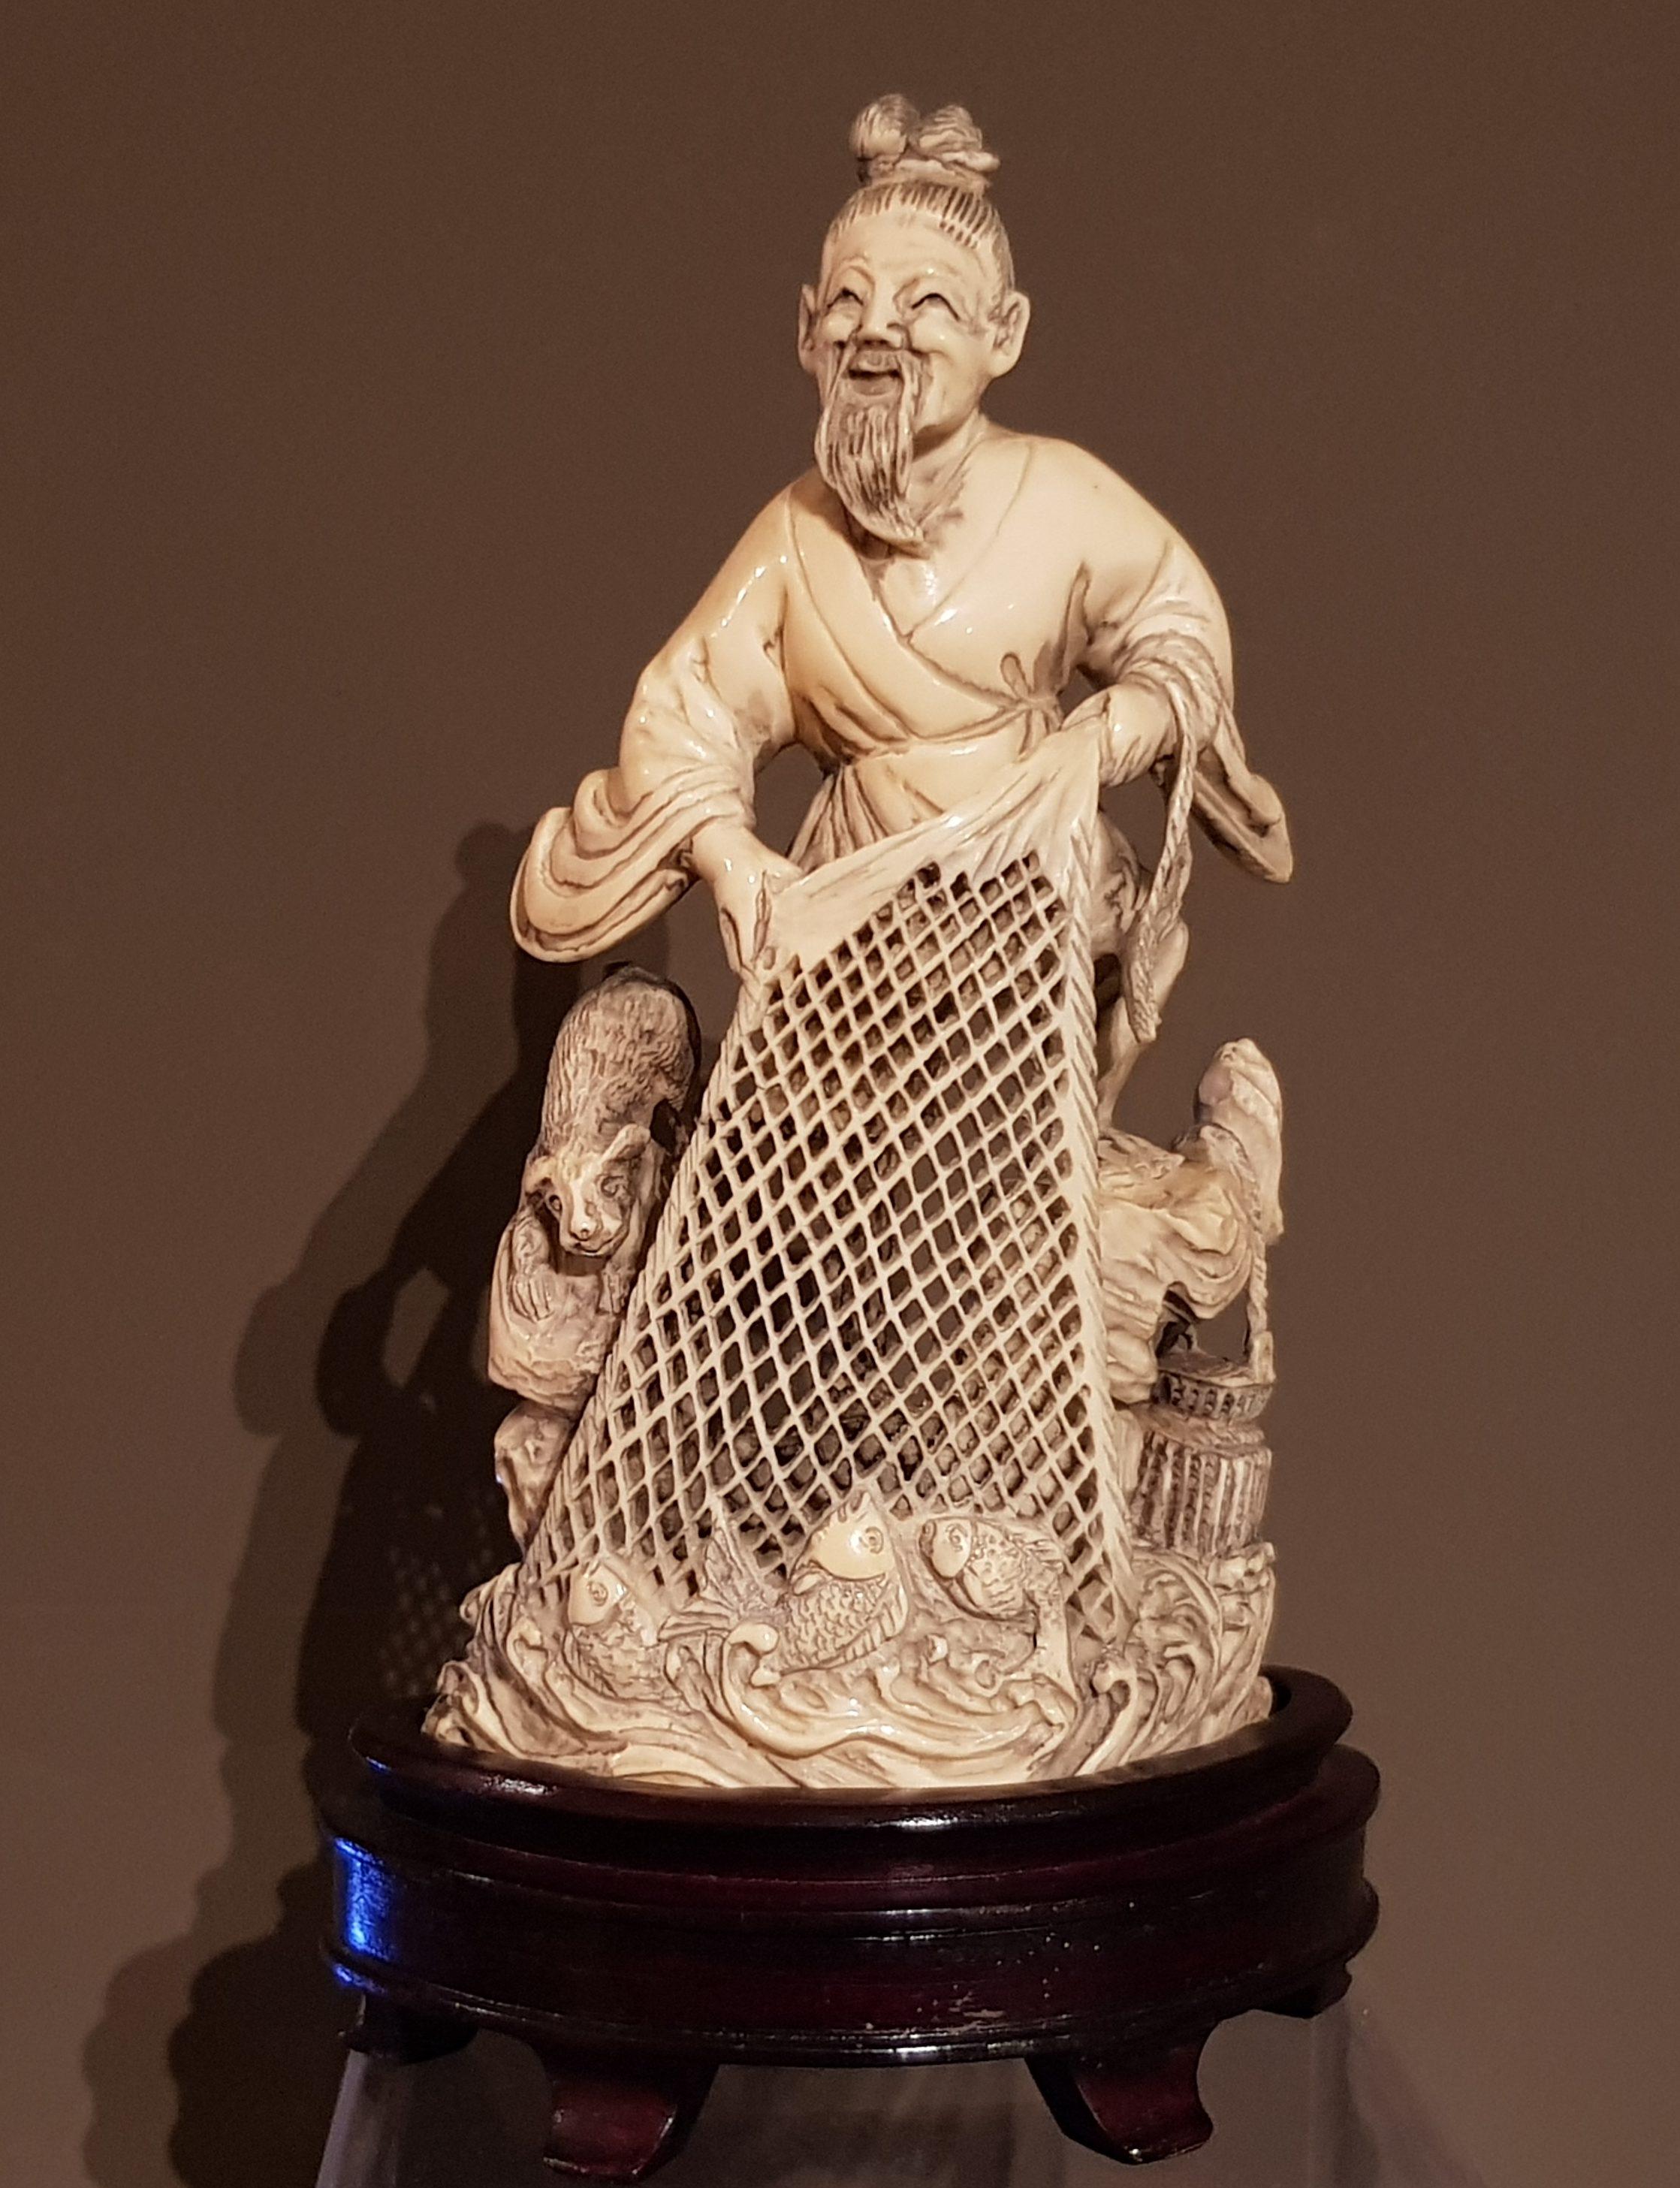 Okimono en ivoire - Pêcheur et chien - Chine. Image